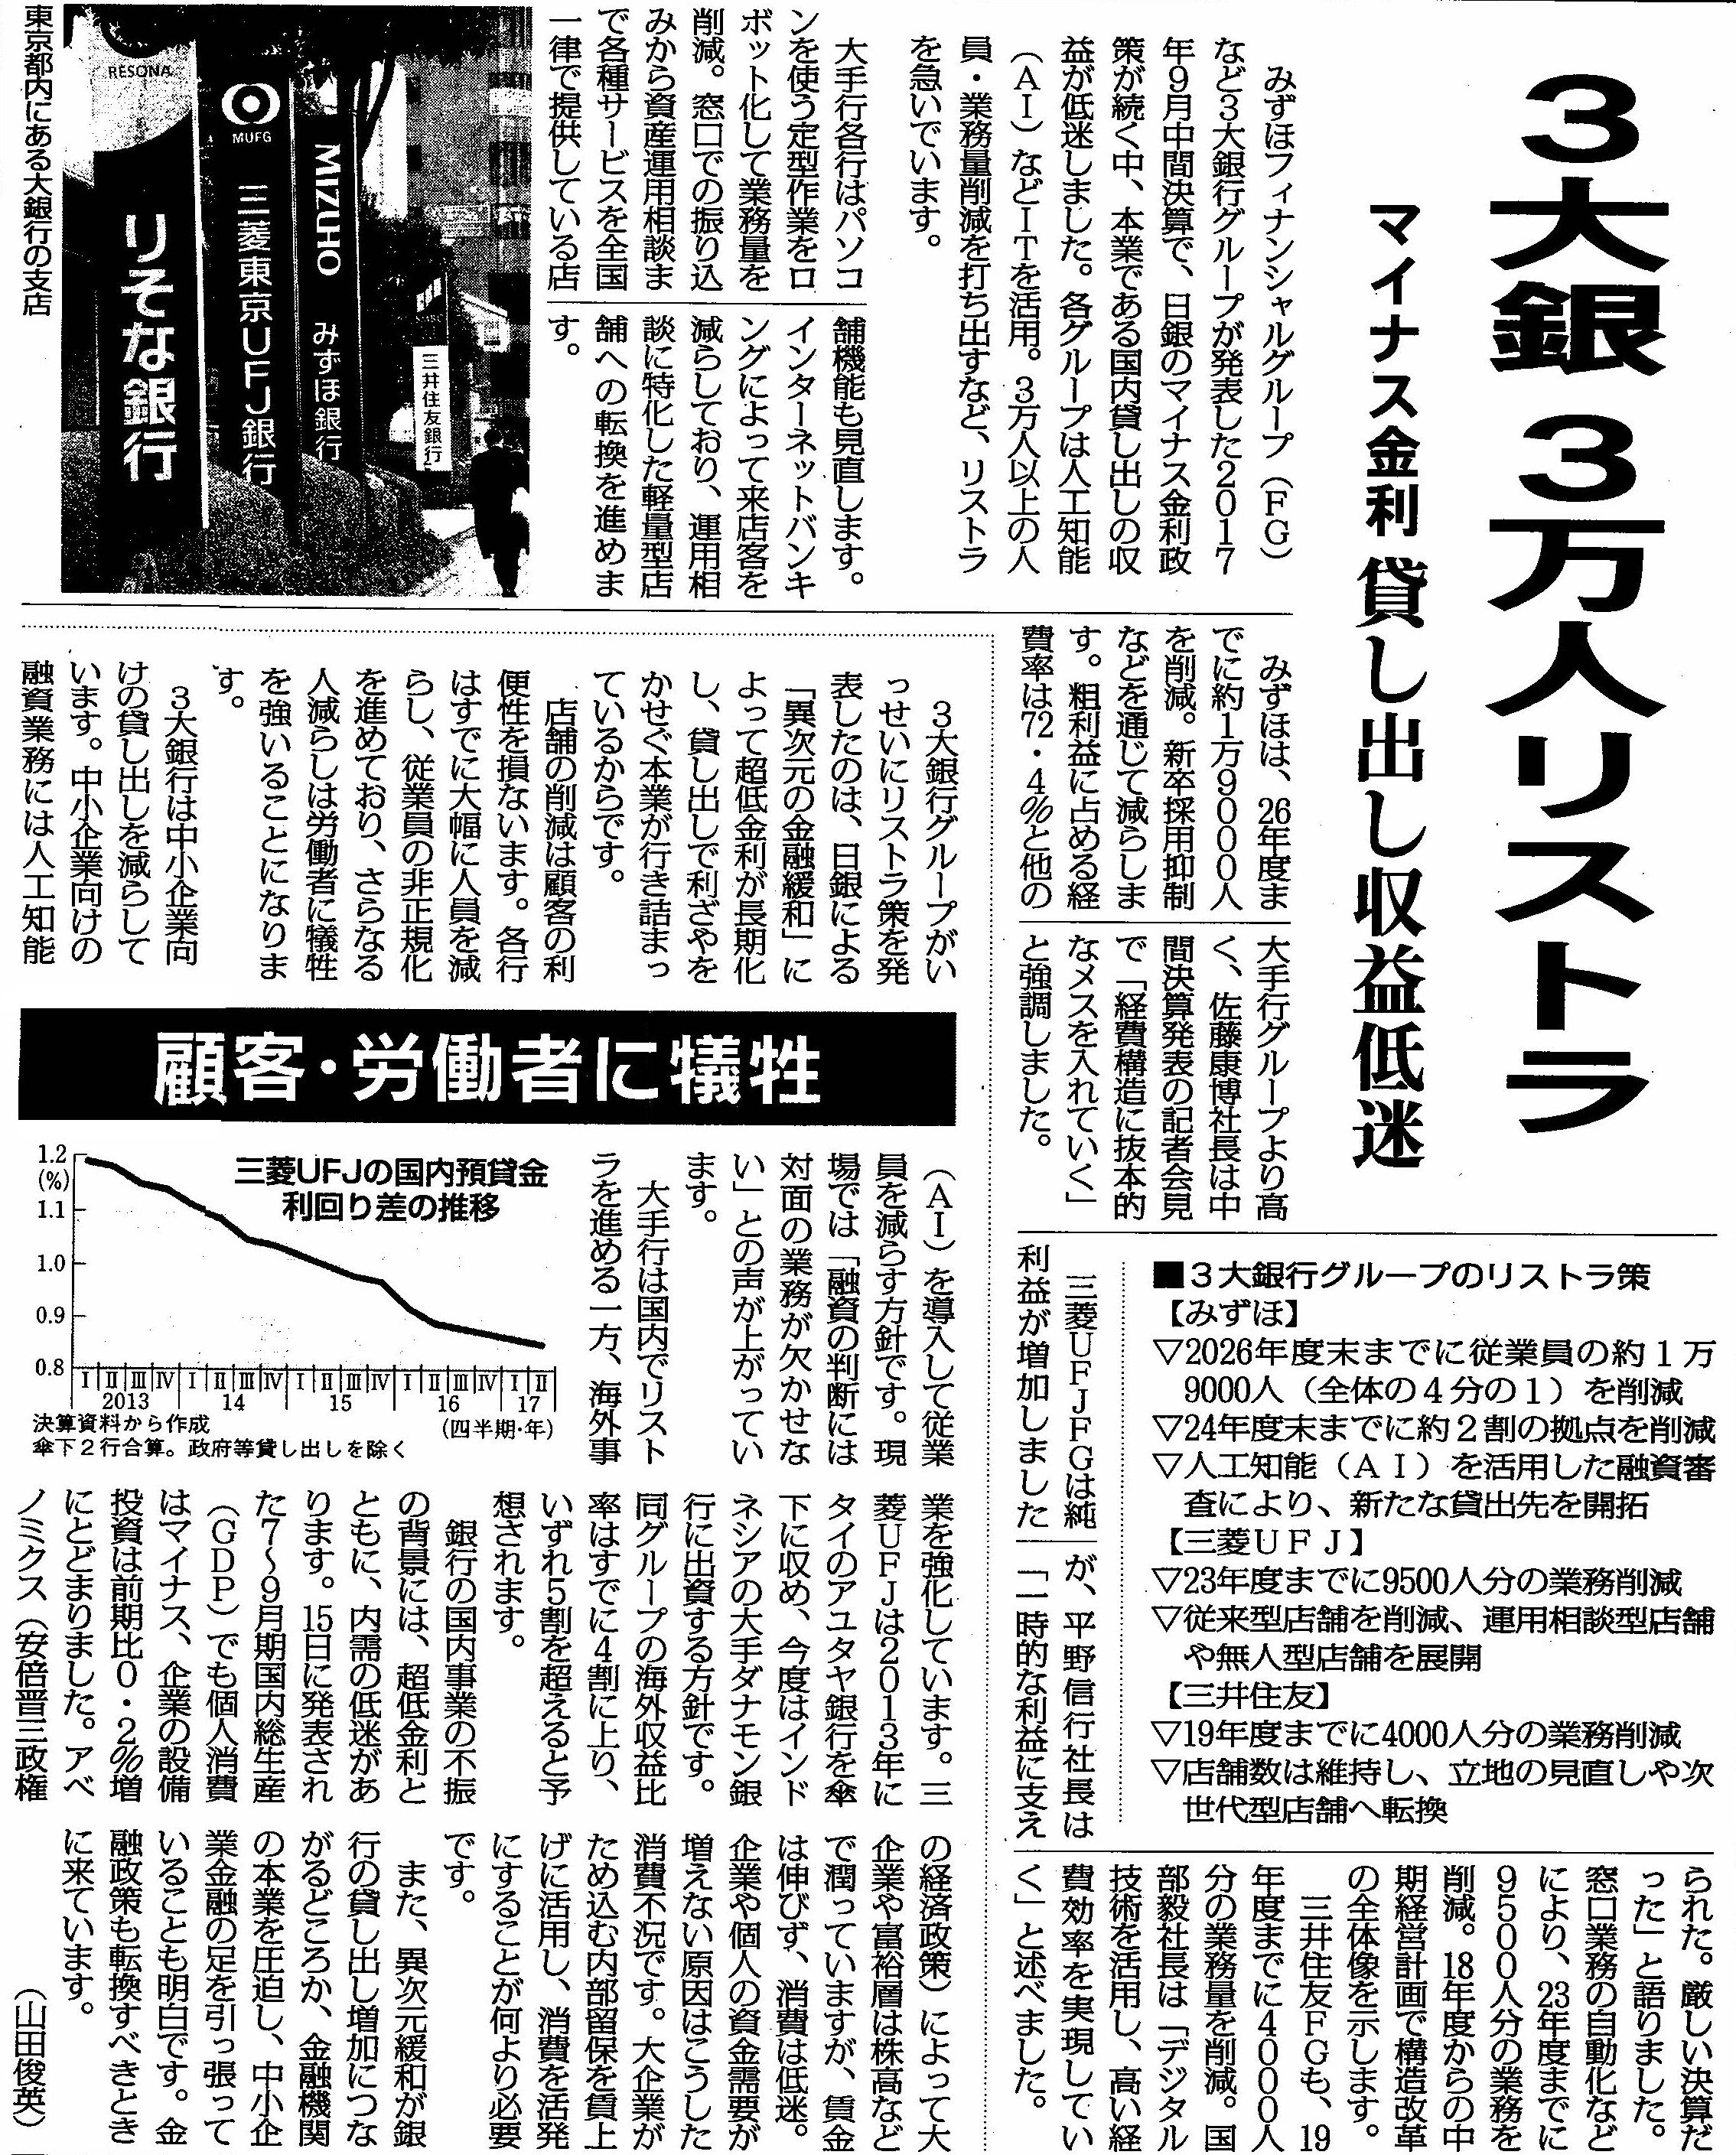 三大銀行3万人リストラ計画 | 経...